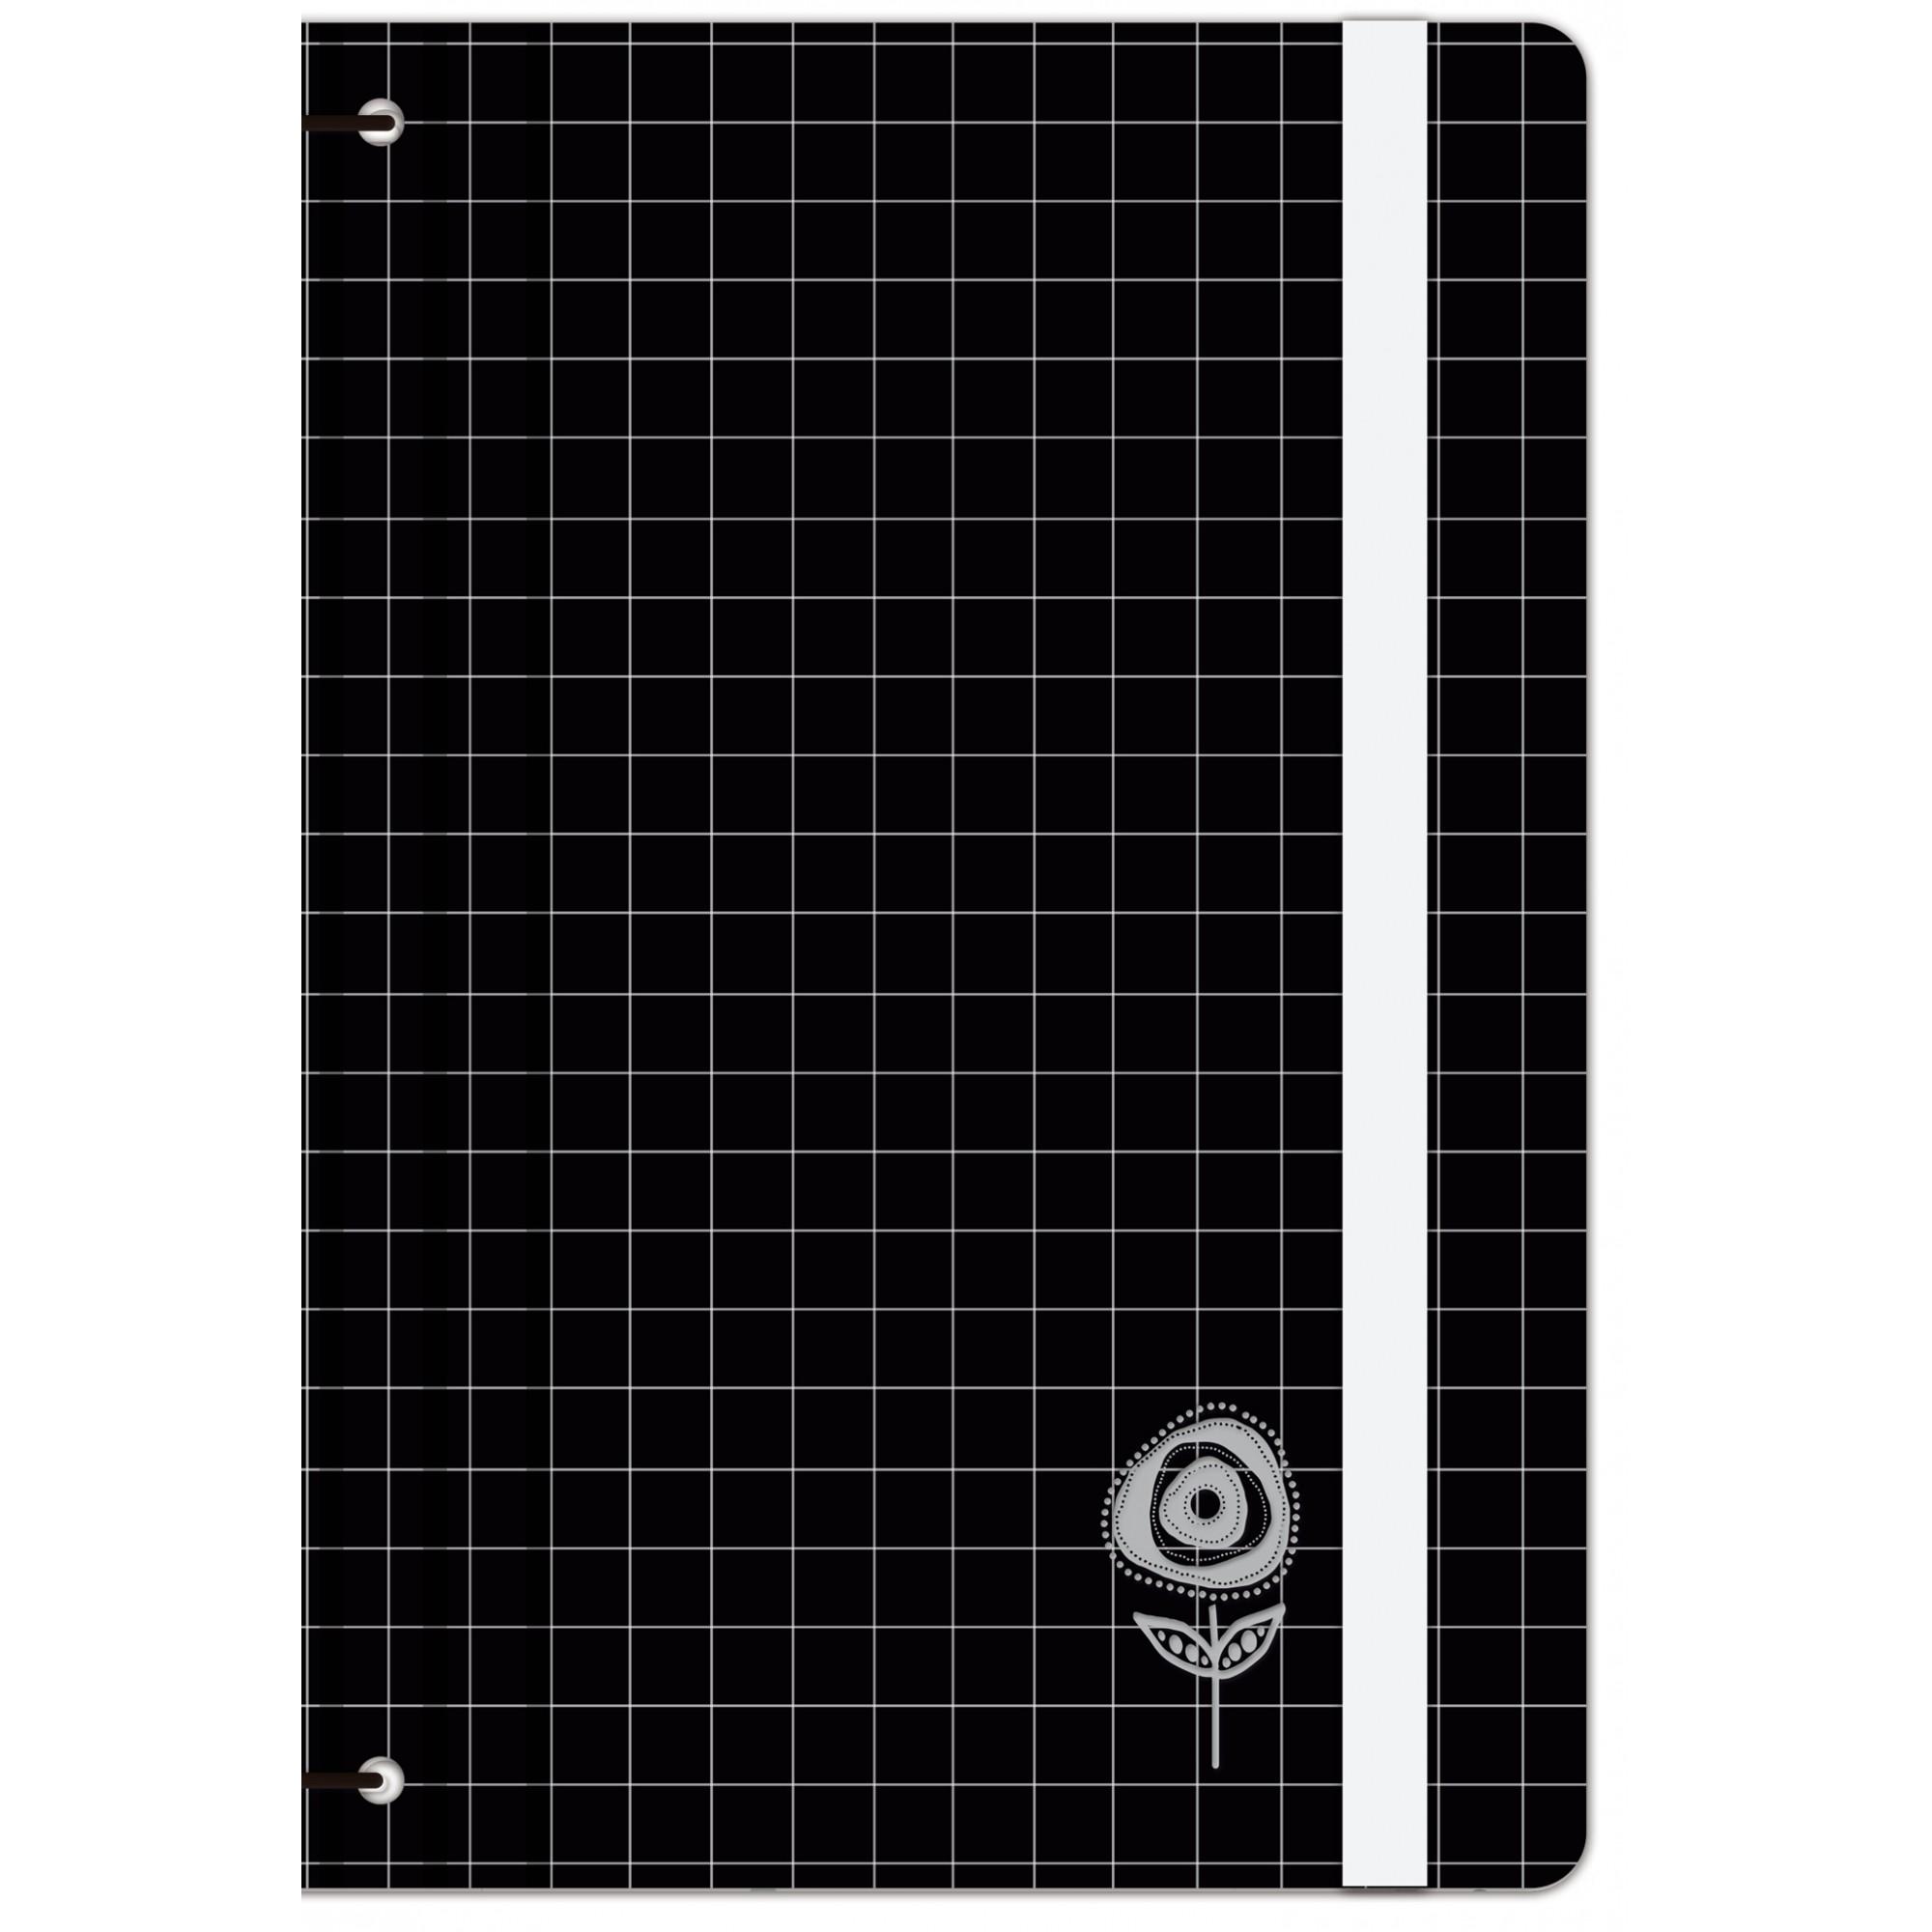 Capa Clássica - Scrap Minuto / JuJu Scrapbook  - JuJu Scrapbook